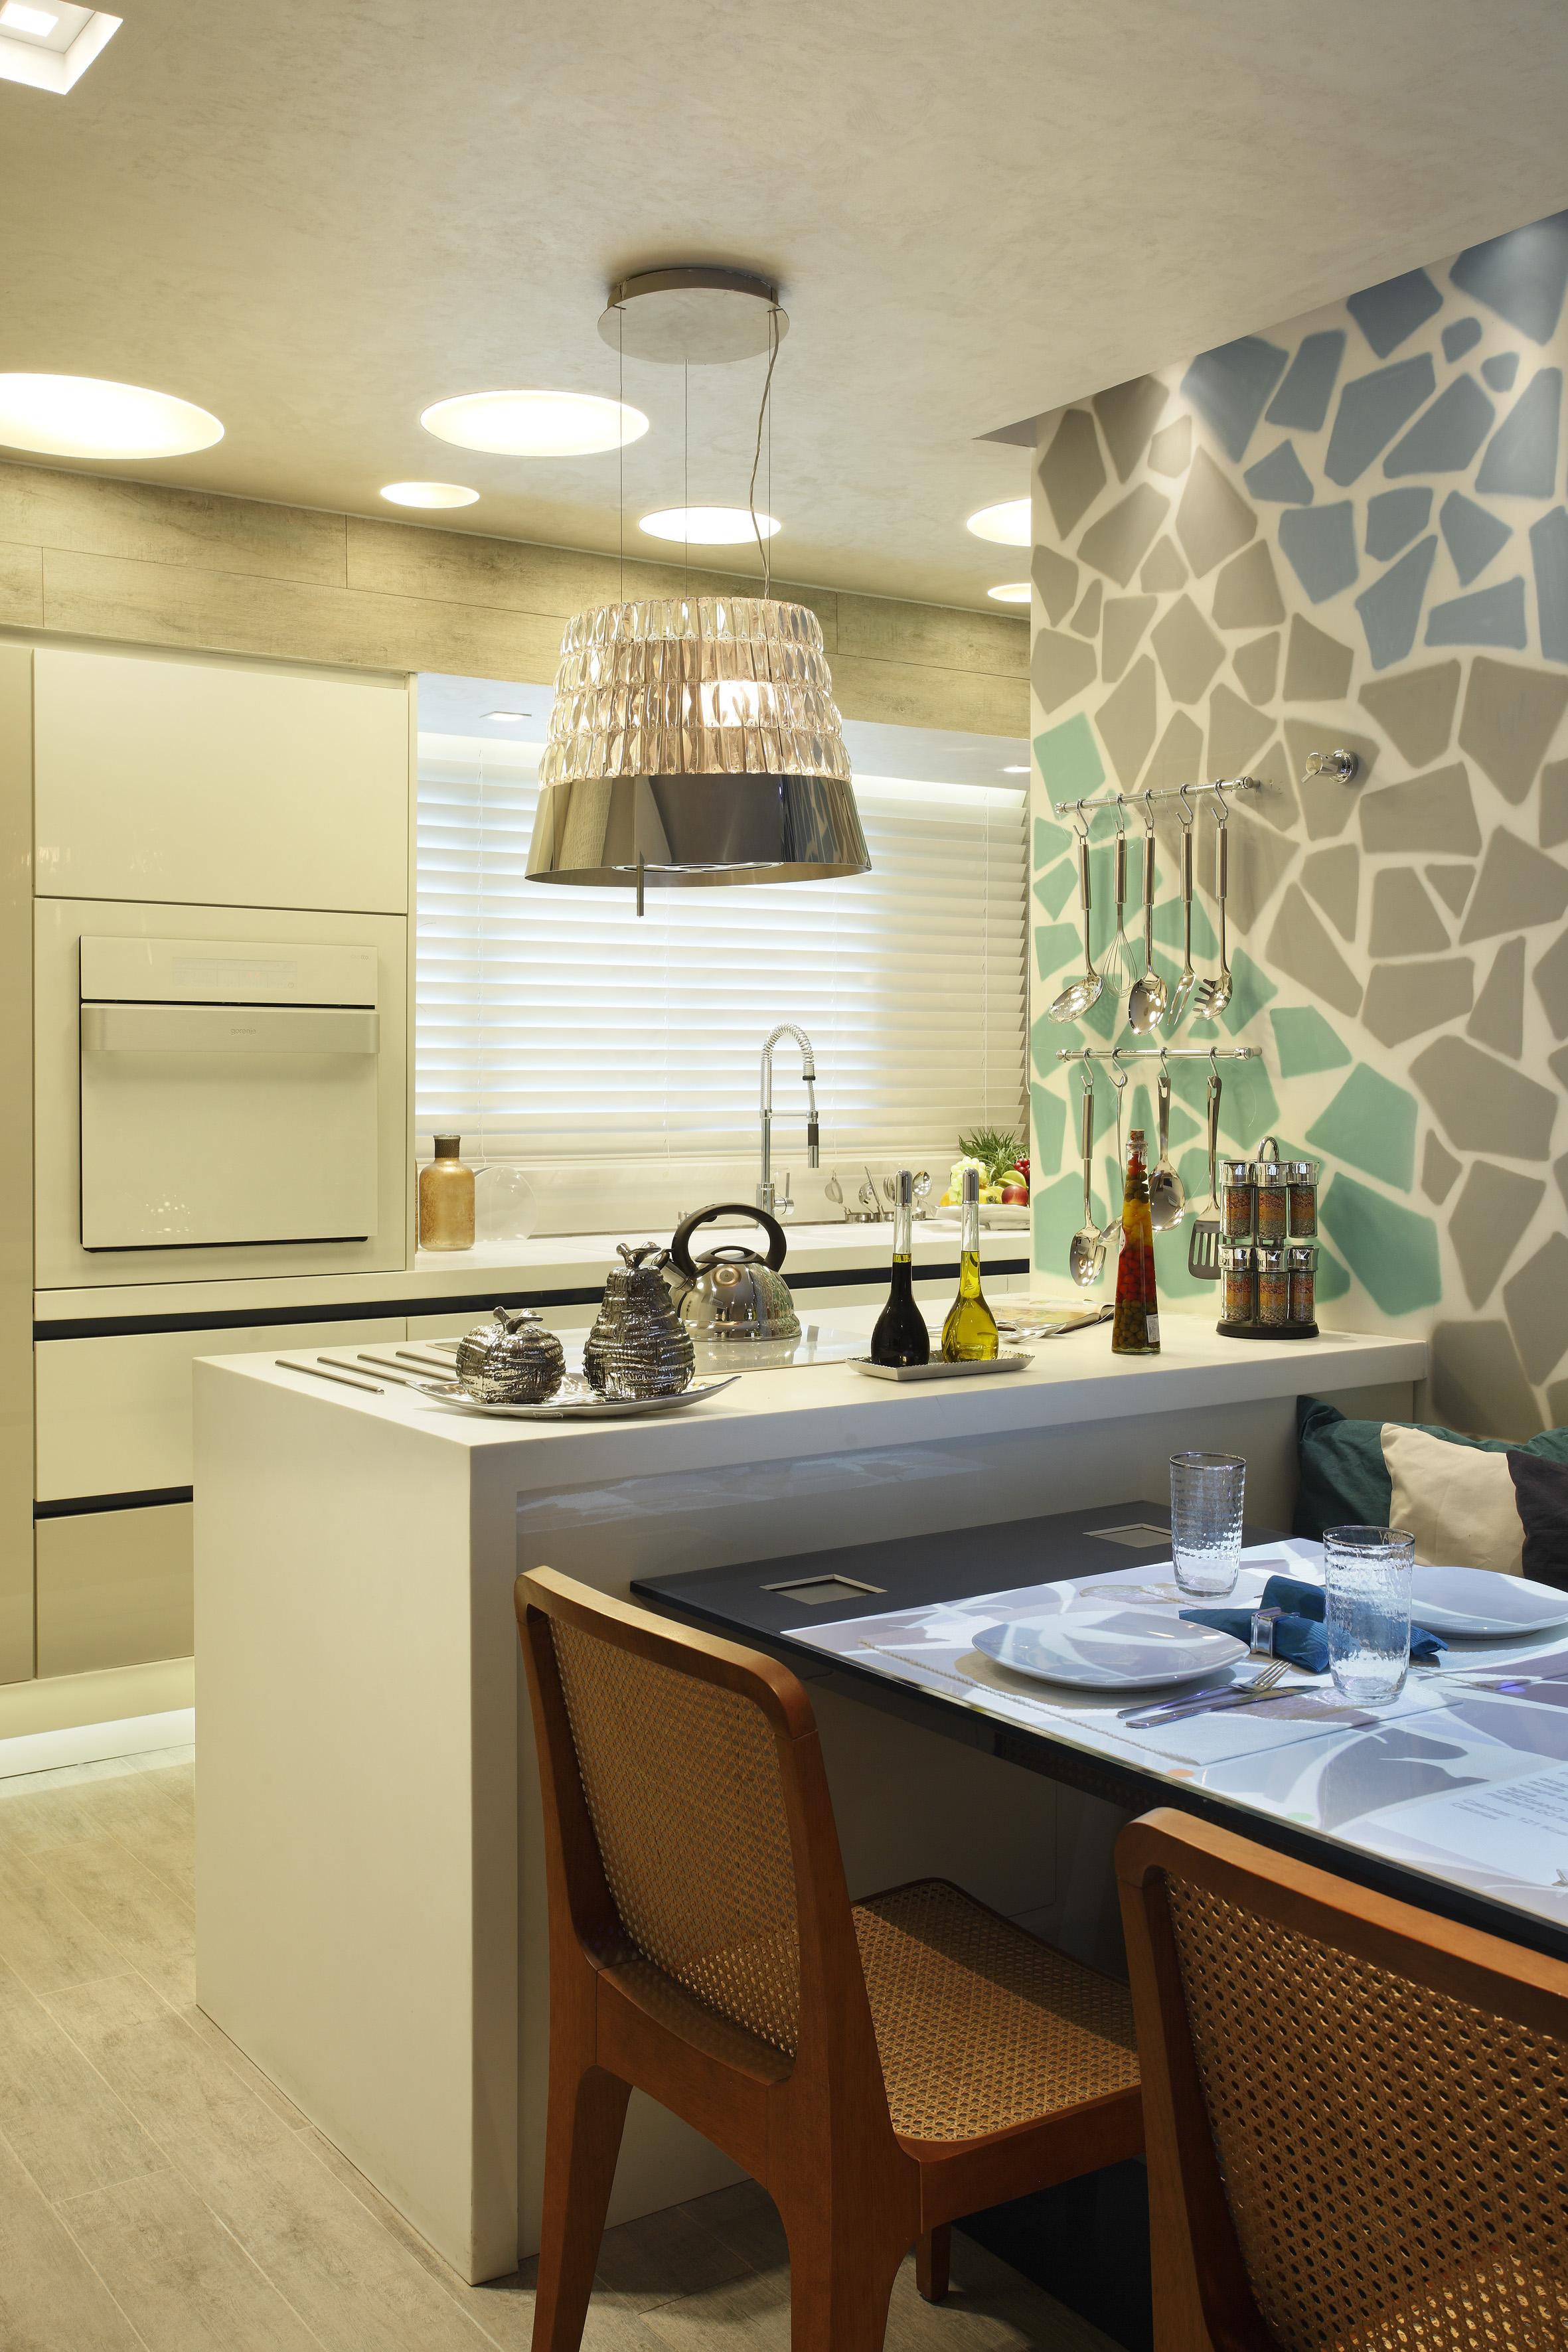 Cozinha Interativa – Casa Cor Rio de Janeiro 2013 #604120 2362 3543